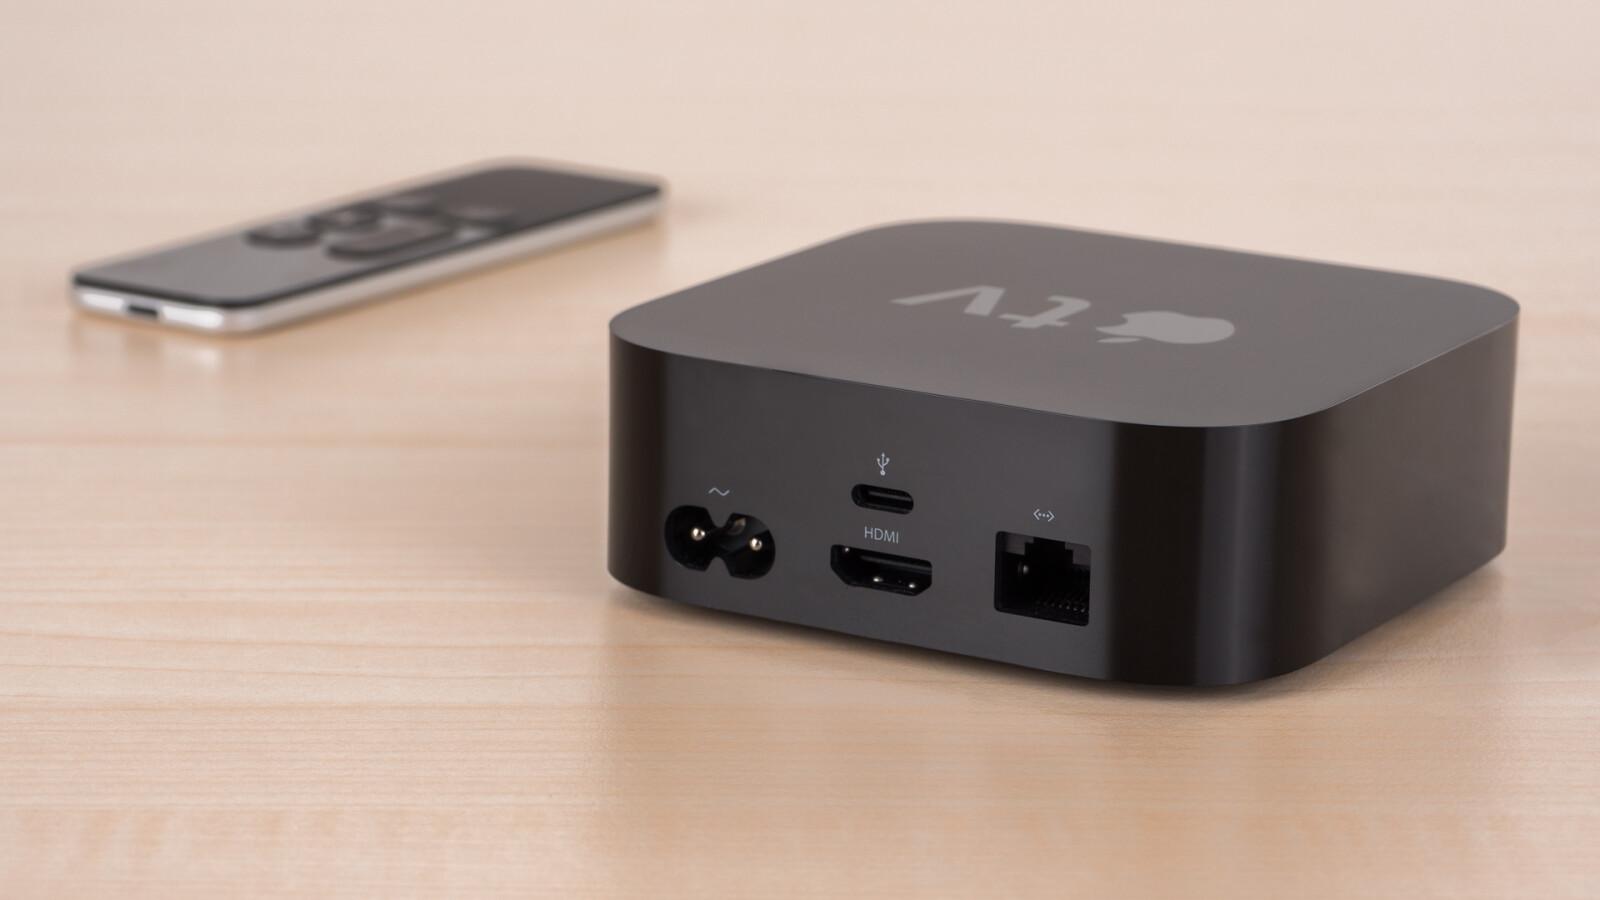 Lg Fernseher Mit Iphone Verbinden : Apple tv & airplay: lösungen für die häufigsten probleme netzwelt